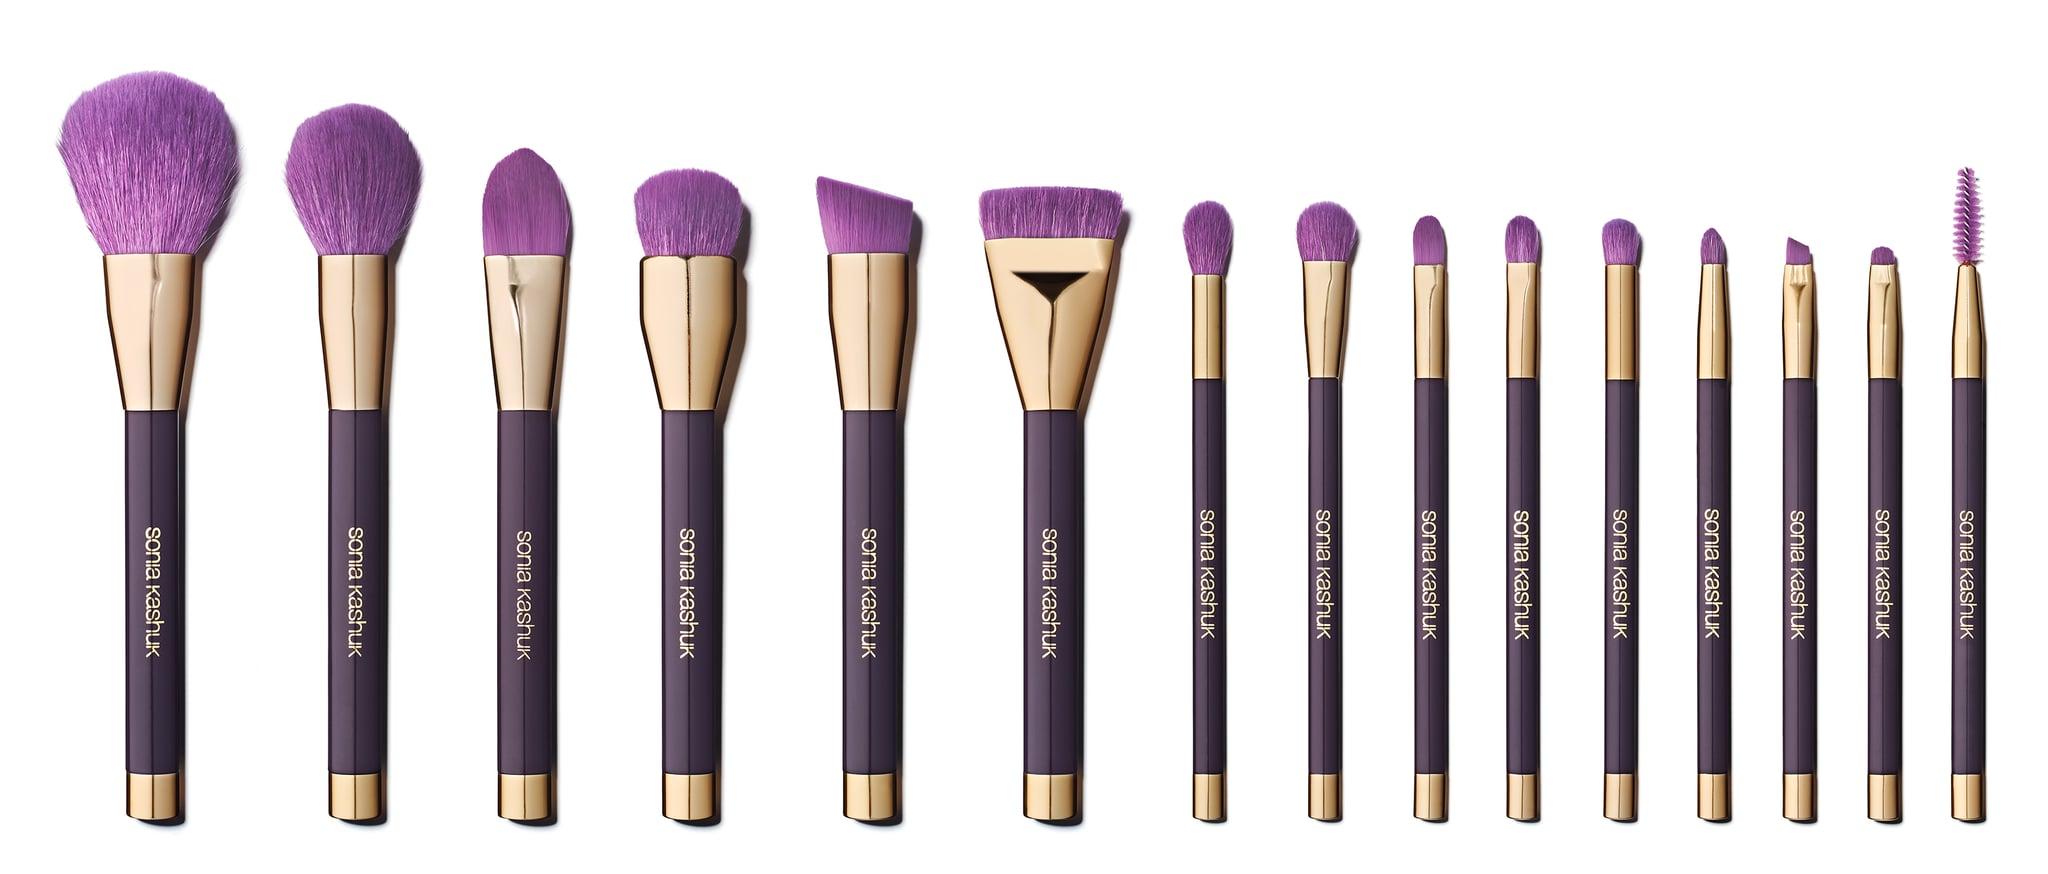 Celebrating 15 Years of Award-Winning Brushes 15-Piece Professional Brush Set, $40